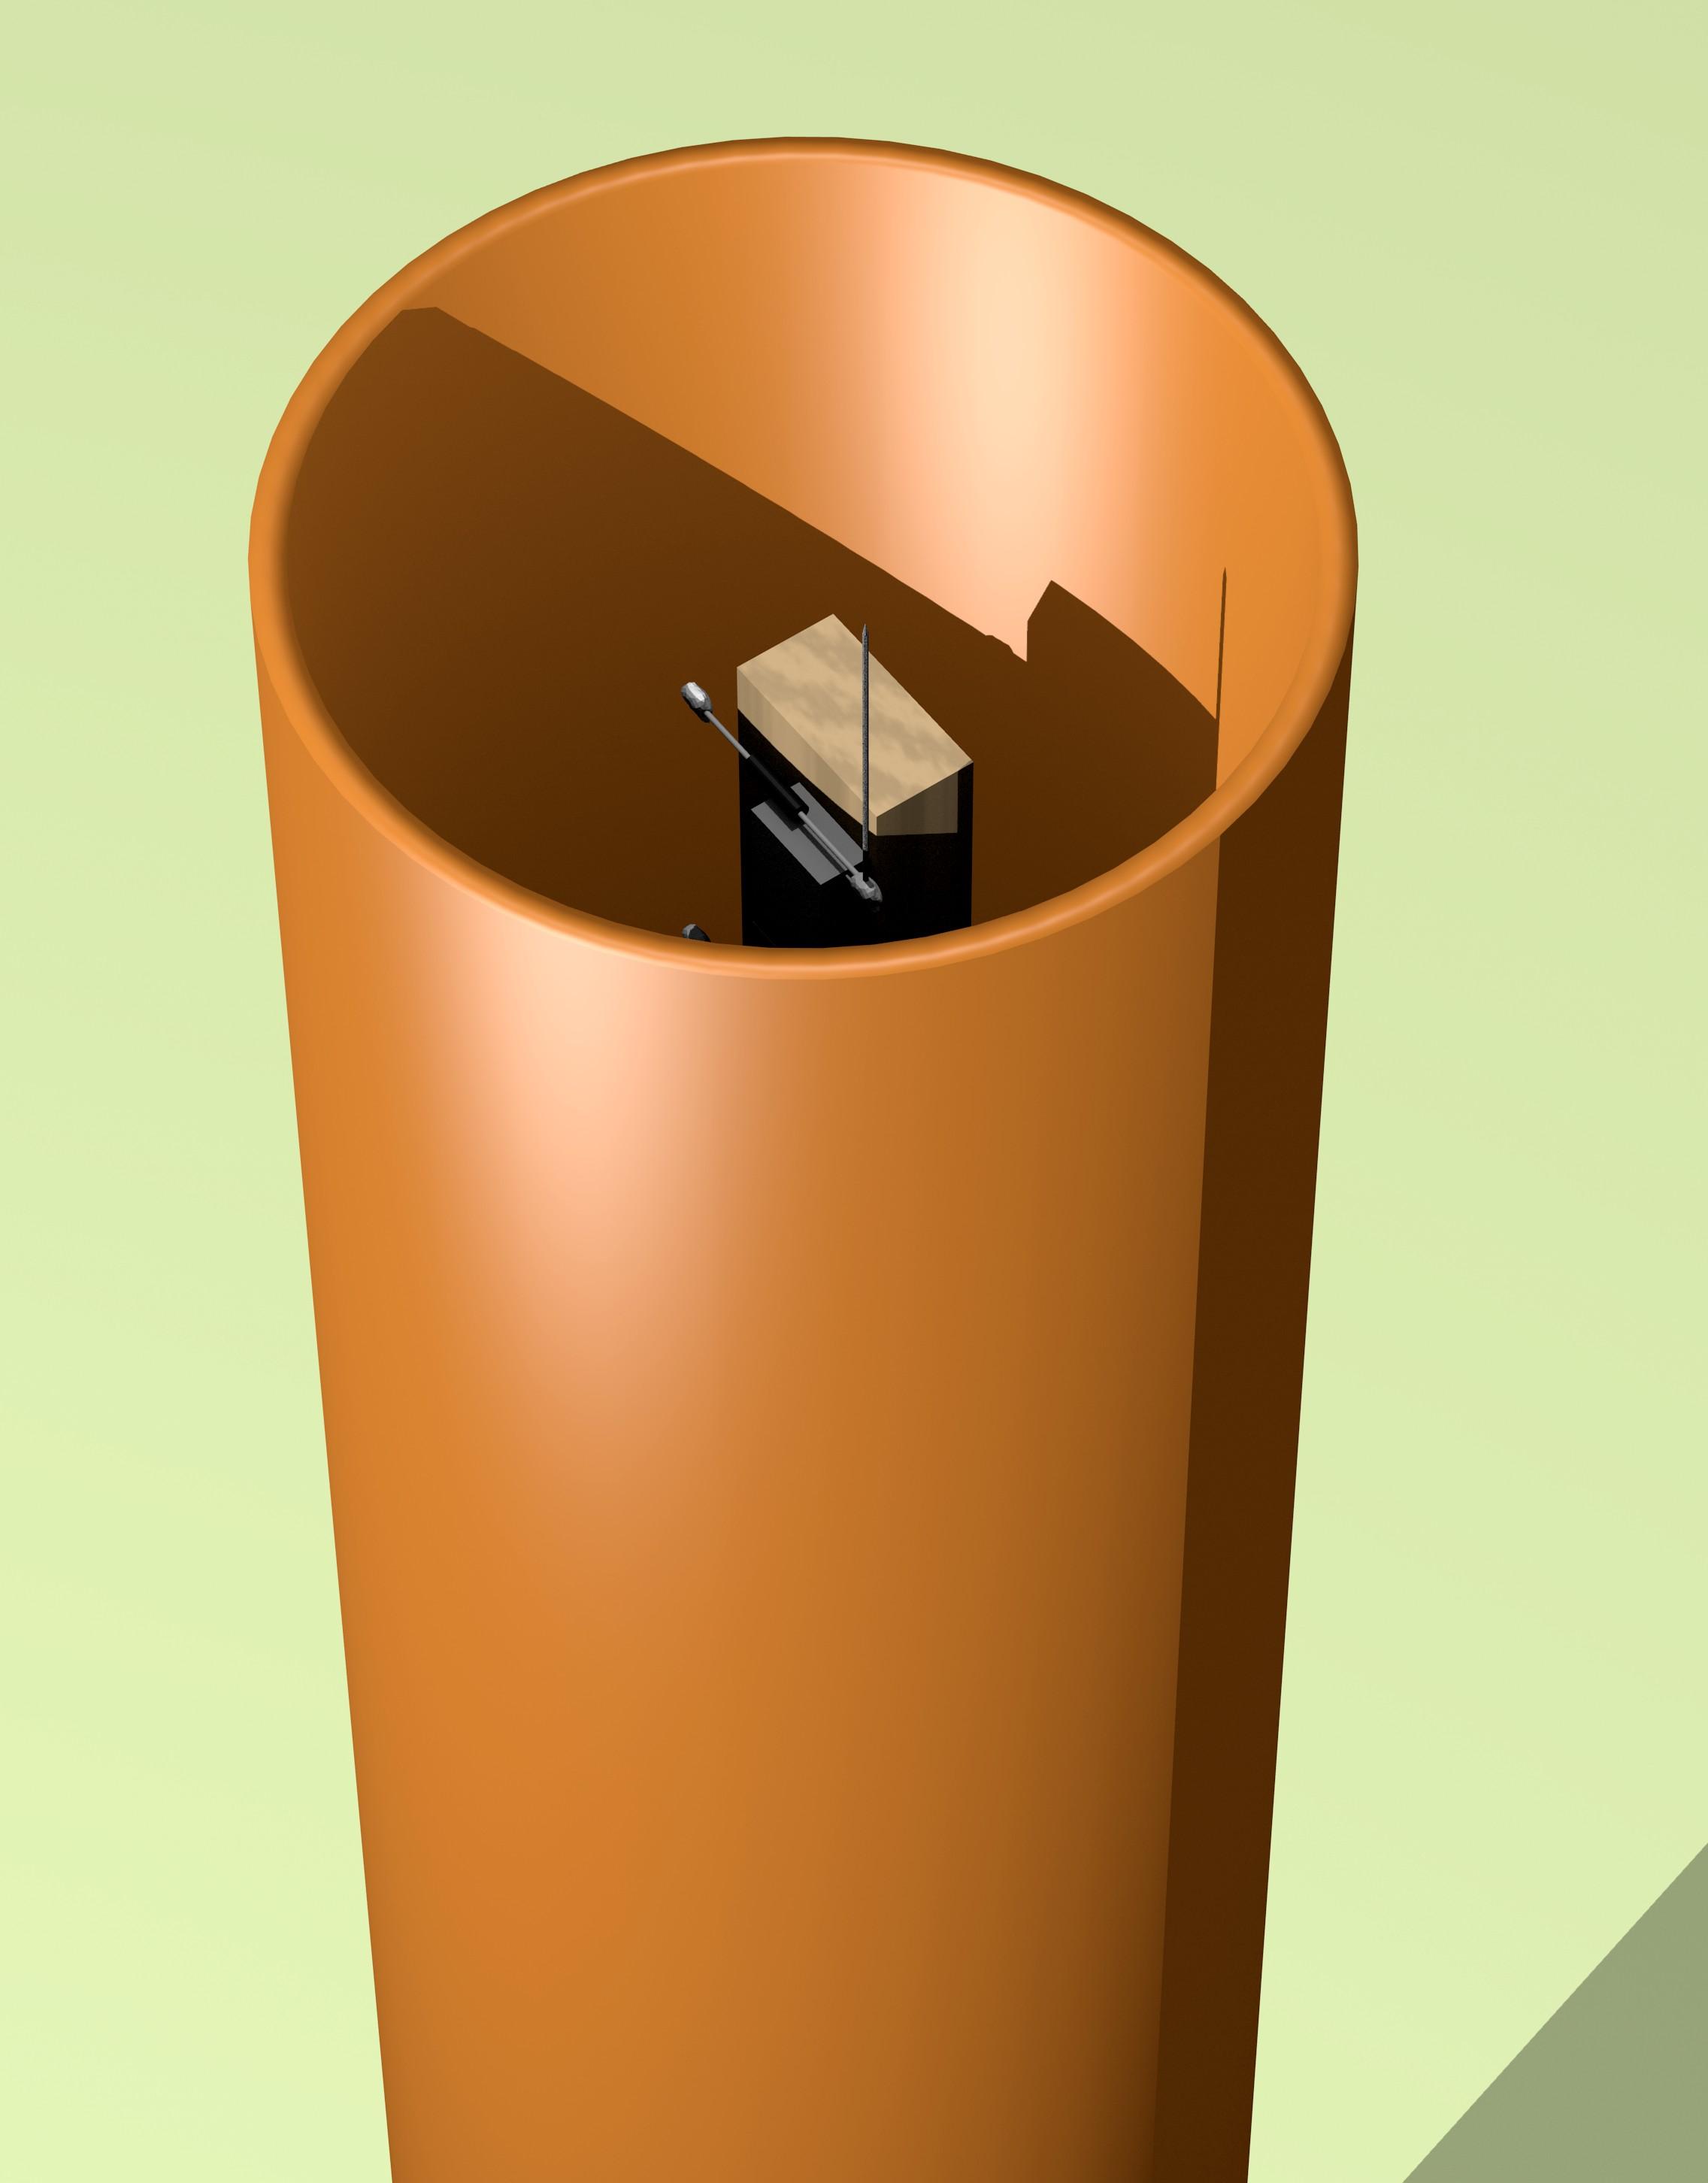 Figura 15: Confezionamento del circuito dentro un tubo di PVC (immagine ad alta risoluzione).